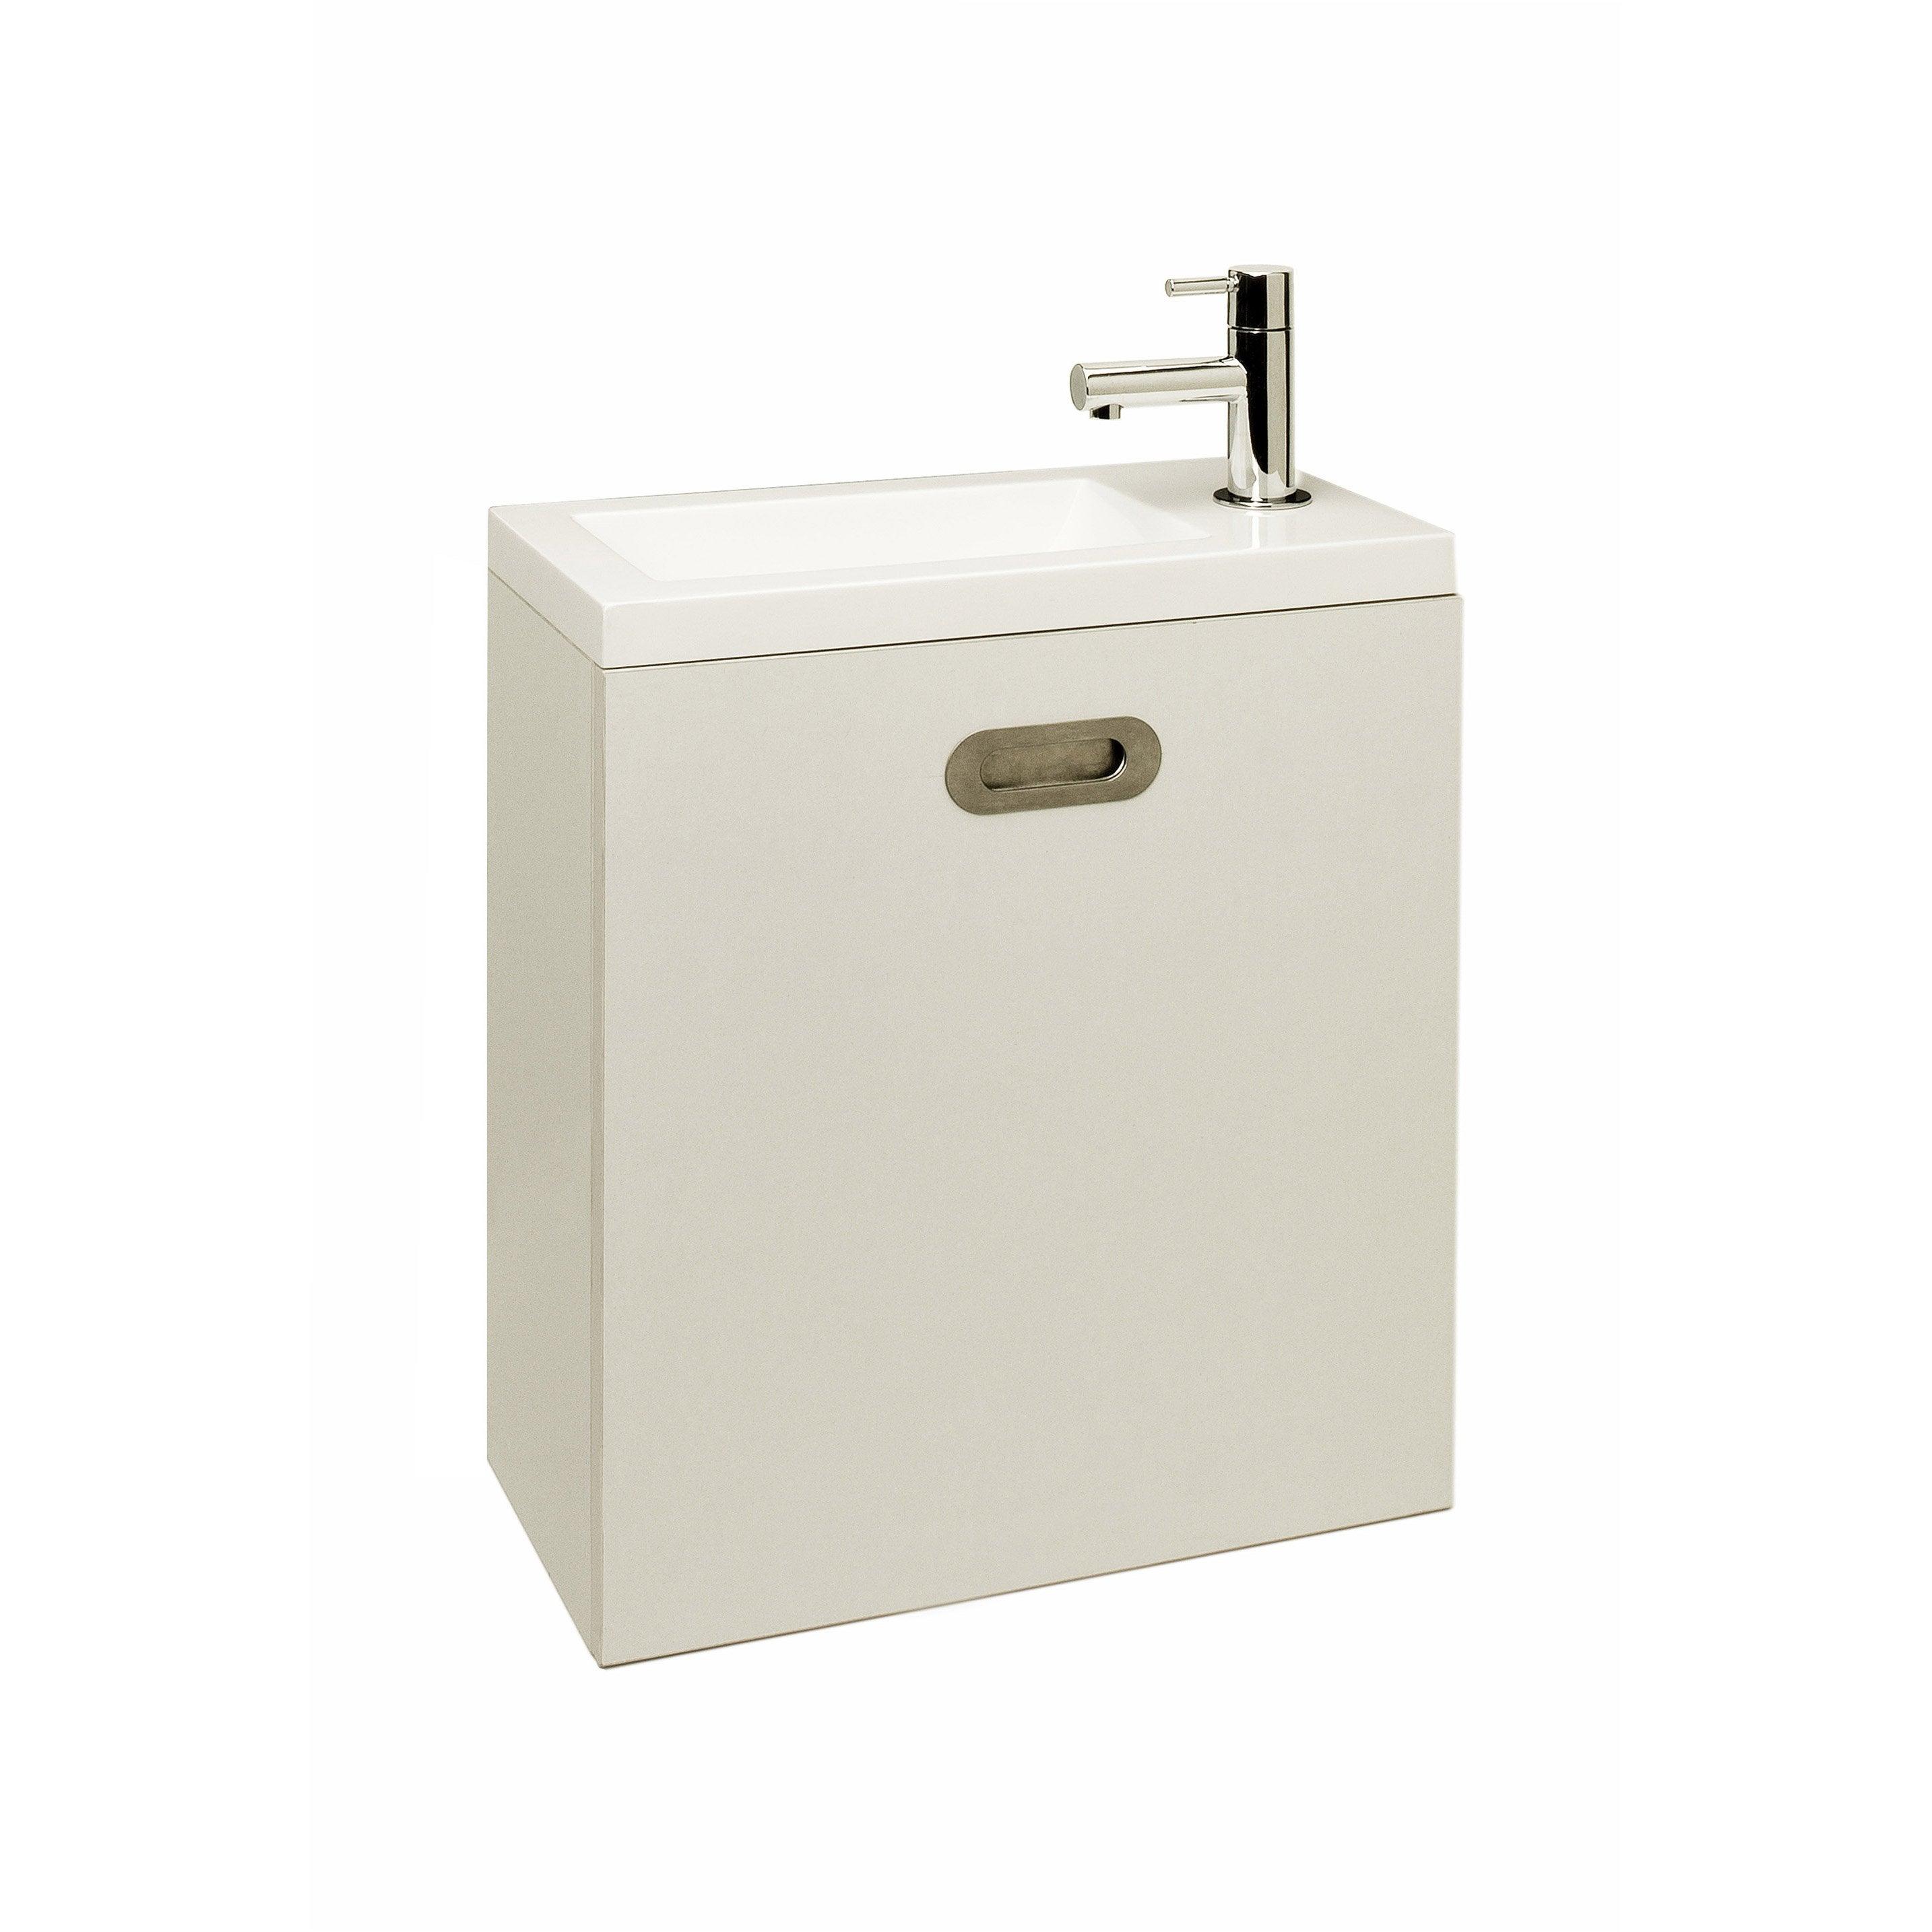 Meuble lave-mains, Nerea n/a réversible